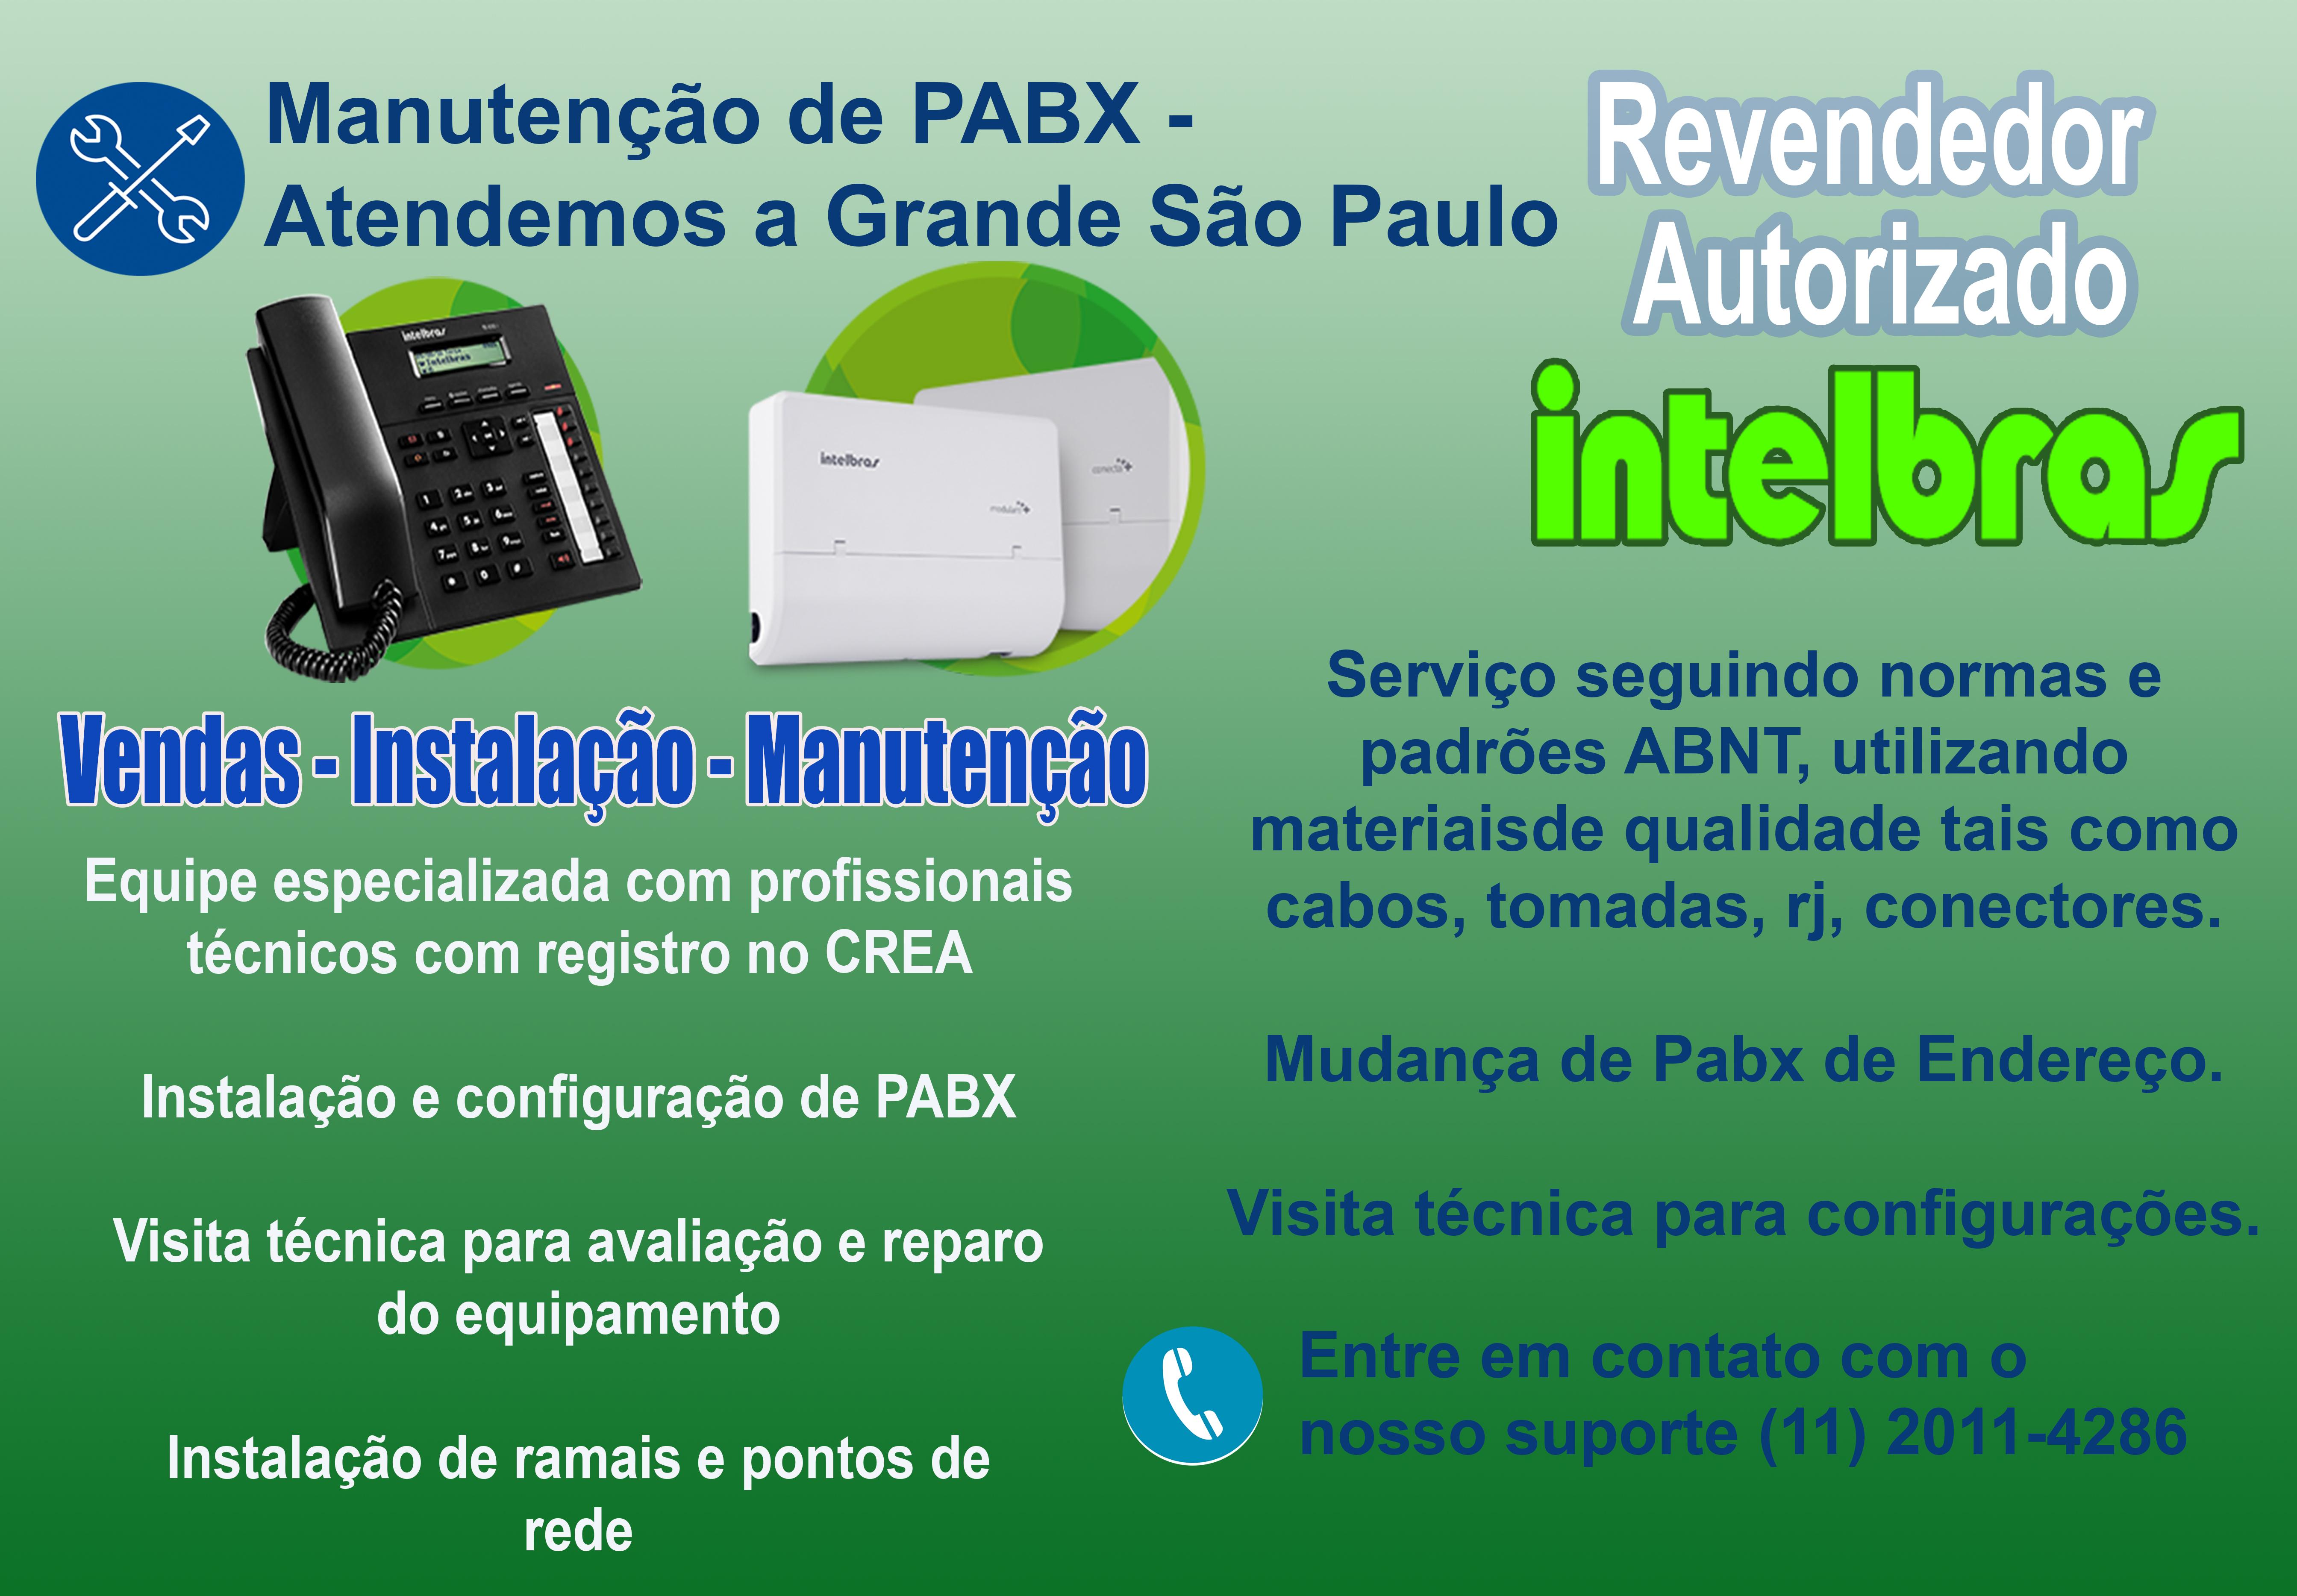 Manutenção de PABX em Cot